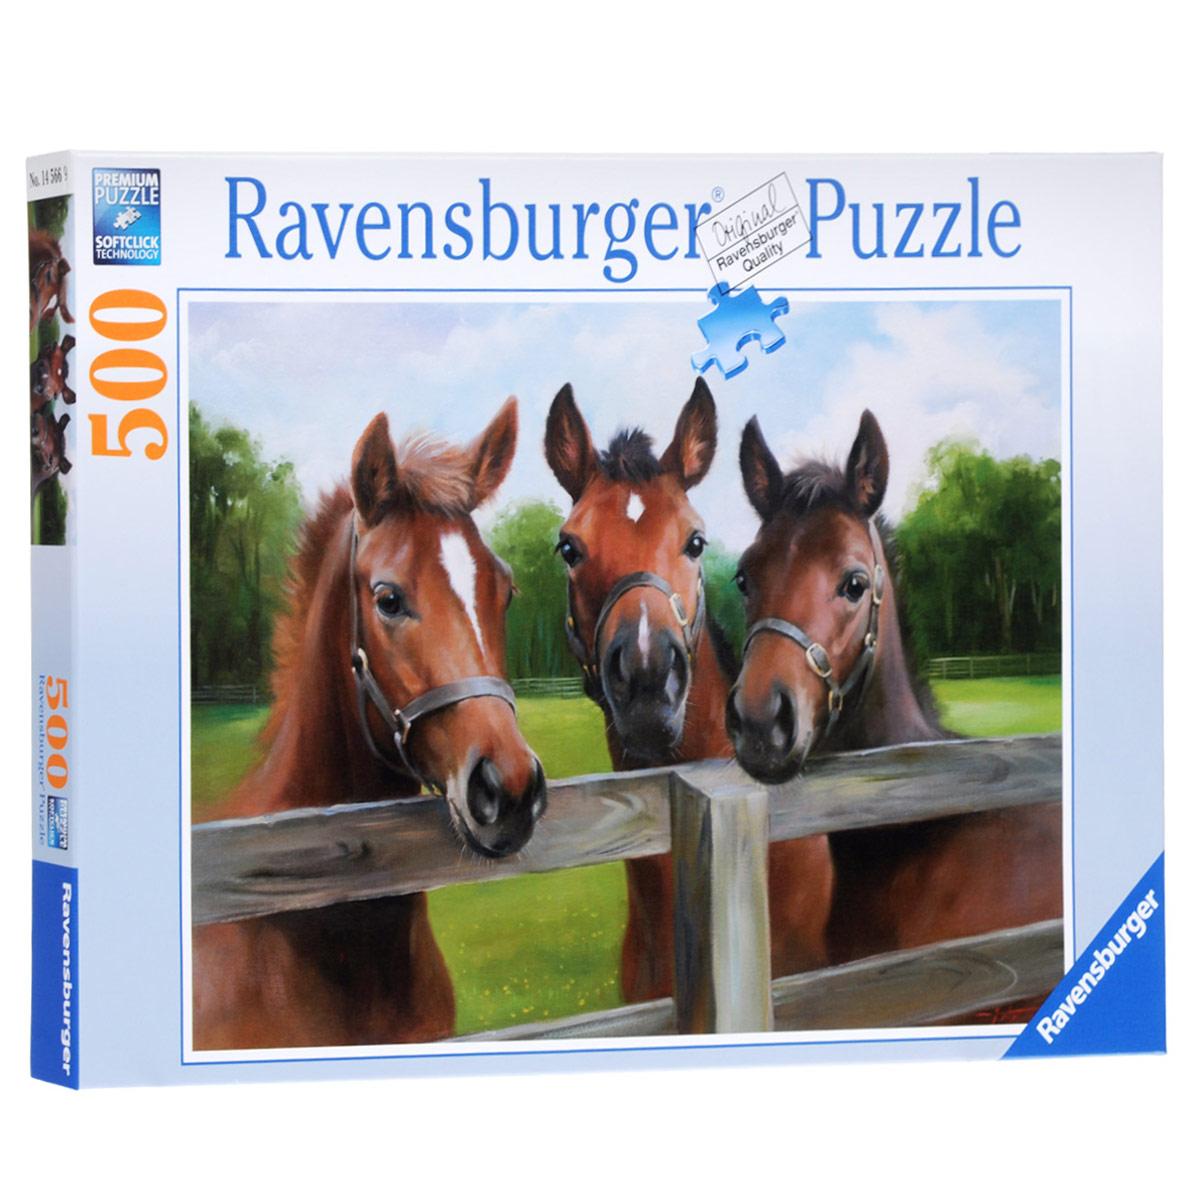 Ravensburger Три лошади. Пазл, 500 элементов14566Пазл Ravensburger Три лошади, без сомнения, придется по душе вам и вашему малышу. Собрав этот пазл, включающий в себя 500 элементов, вы получите великолепную картину с изображением трех лошадей. Пазл изготовлен по технологии Softclick, которая гарантирует 100% блокировку механизма. Каждая деталь имеет свою форму и подходит только на своё место. Нет двух одинаковых деталей! Пазл изготовлен из картона высочайшего качества. Все изображения аккуратно отсканированы и напечатаны на ламинированной бумаге. Пазл - великолепная игра для семейного досуга. Сегодня собирание пазлов стало особенно популярным, главным образом, благодаря своей многообразной тематике, способной удовлетворить самый взыскательный вкус. А для детей это не только интересно, но и полезно. Собирание пазла развивает мелкую моторику у ребенка, тренирует наблюдательность, логическое мышление, знакомит с окружающим миром, с цветом и разнообразными формами.